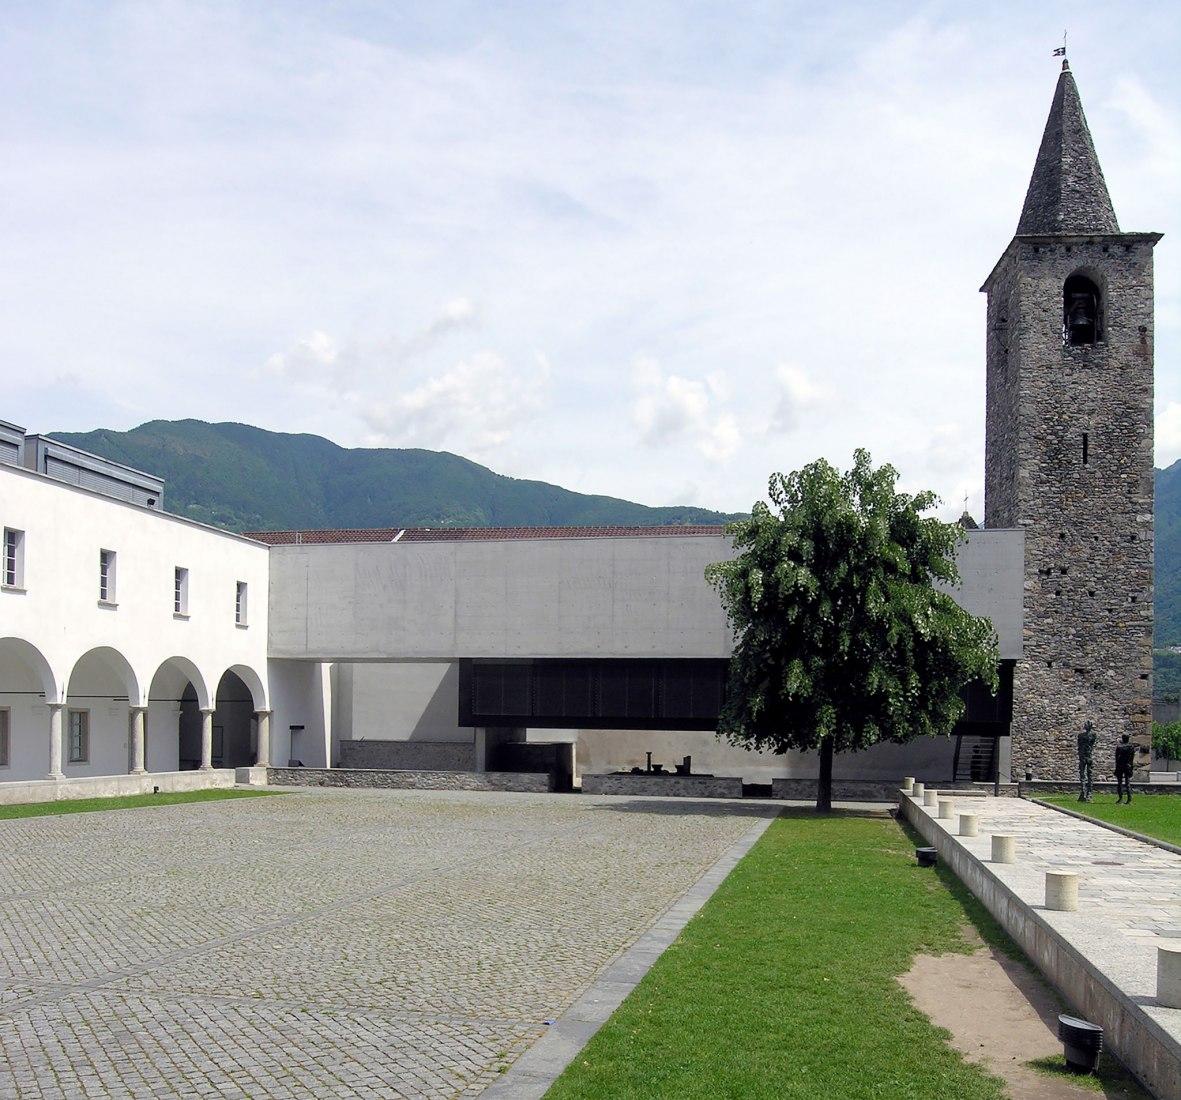 Escuela primaria (El Cunvént 4, Monte Carasso) por Luigi Snozzi, Suiza, 1987-1993.